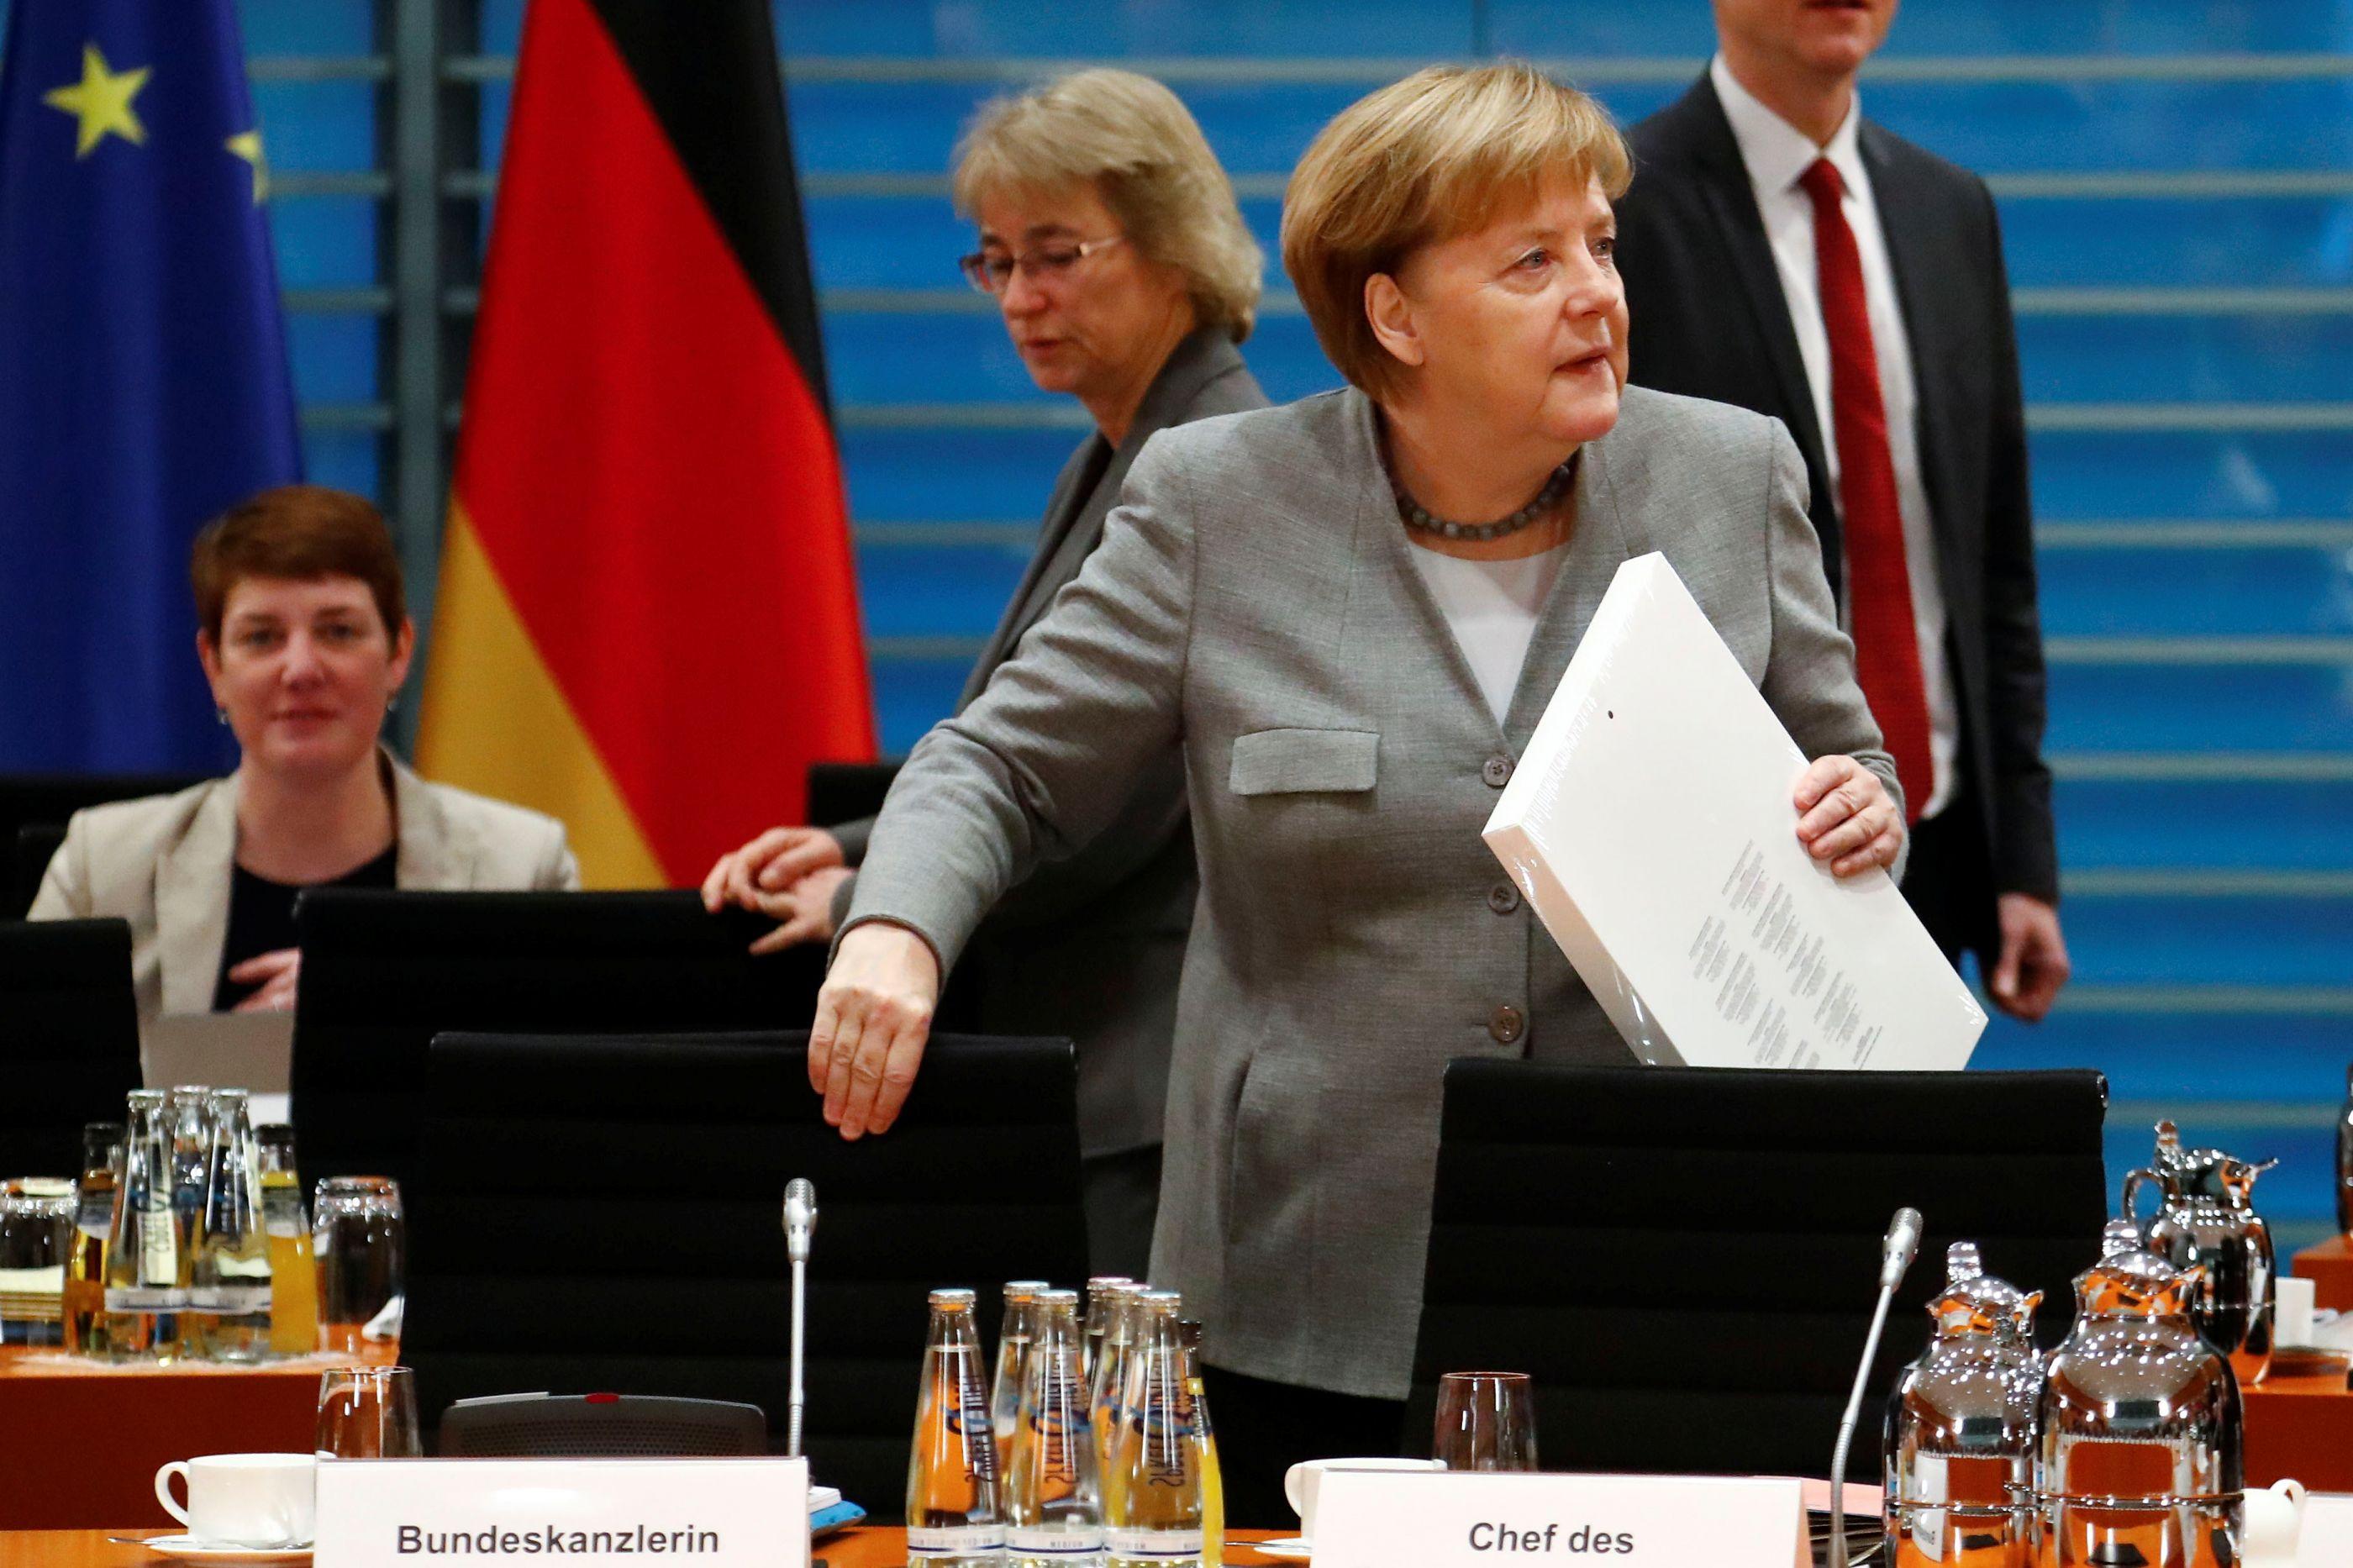 CDU escolhe hoje em congresso sucessor de Angela Merkel